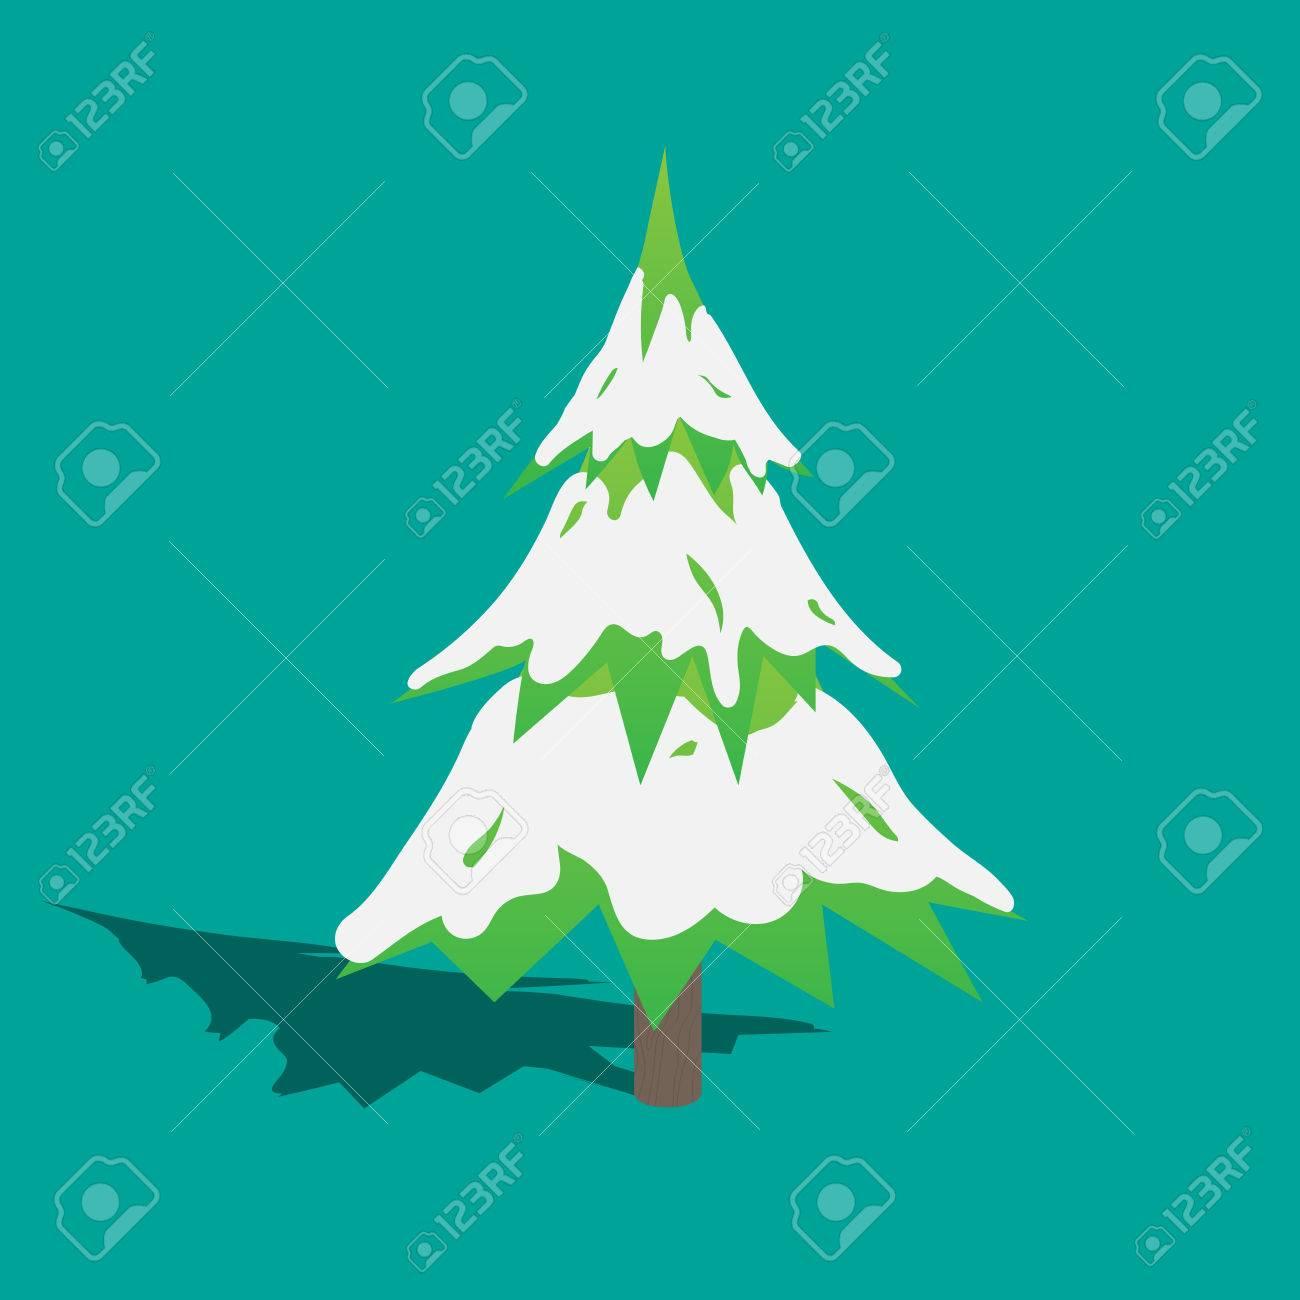 Christmas Tree EPS10 Vector - 51756178